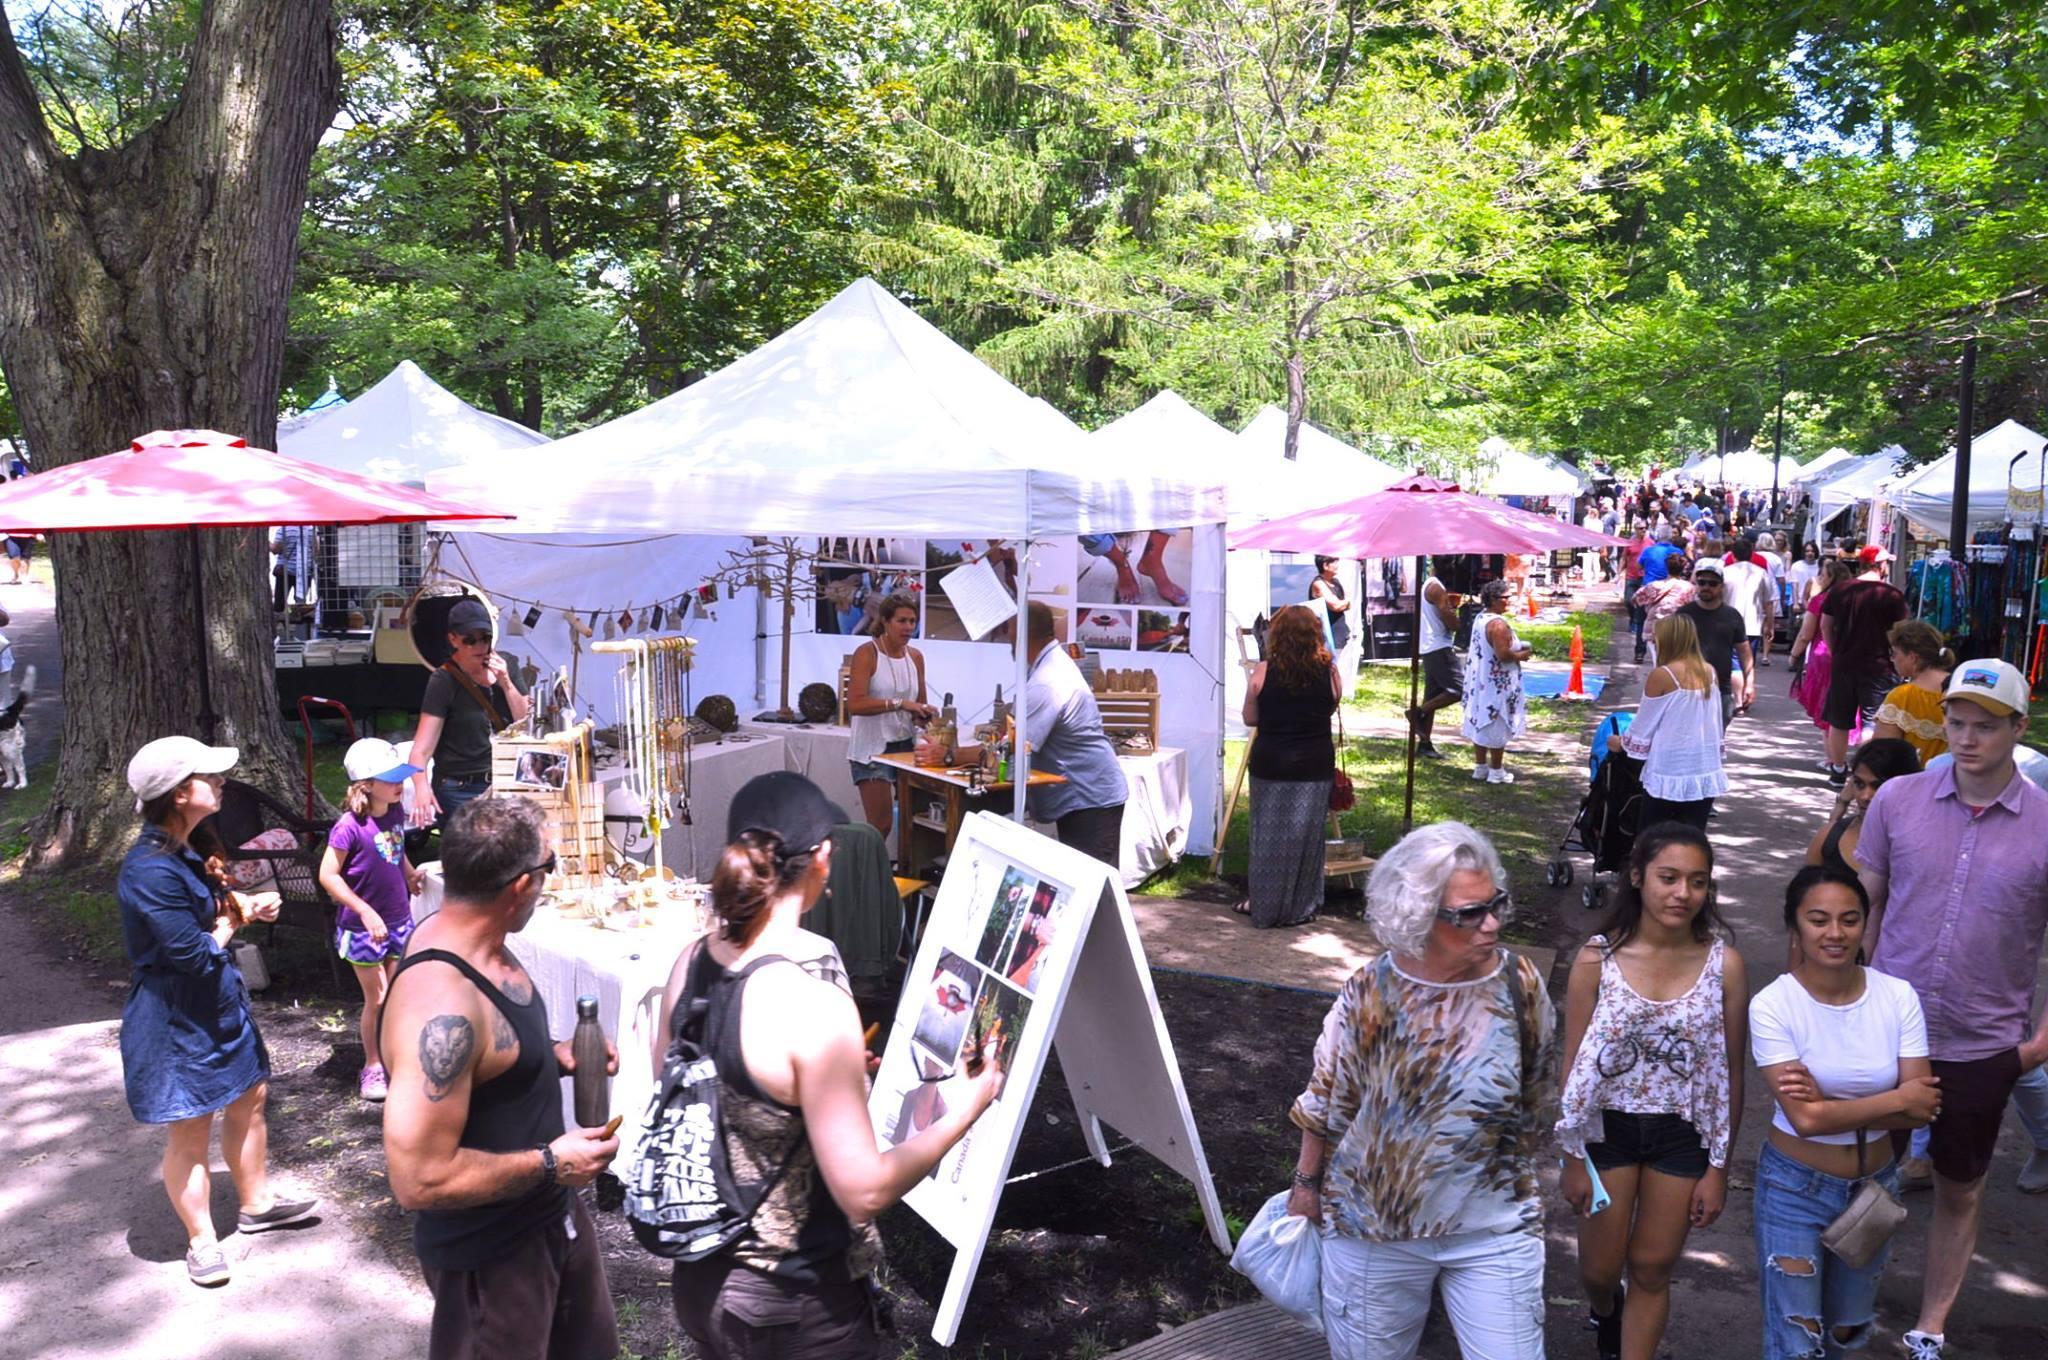 Kingston ArtFest